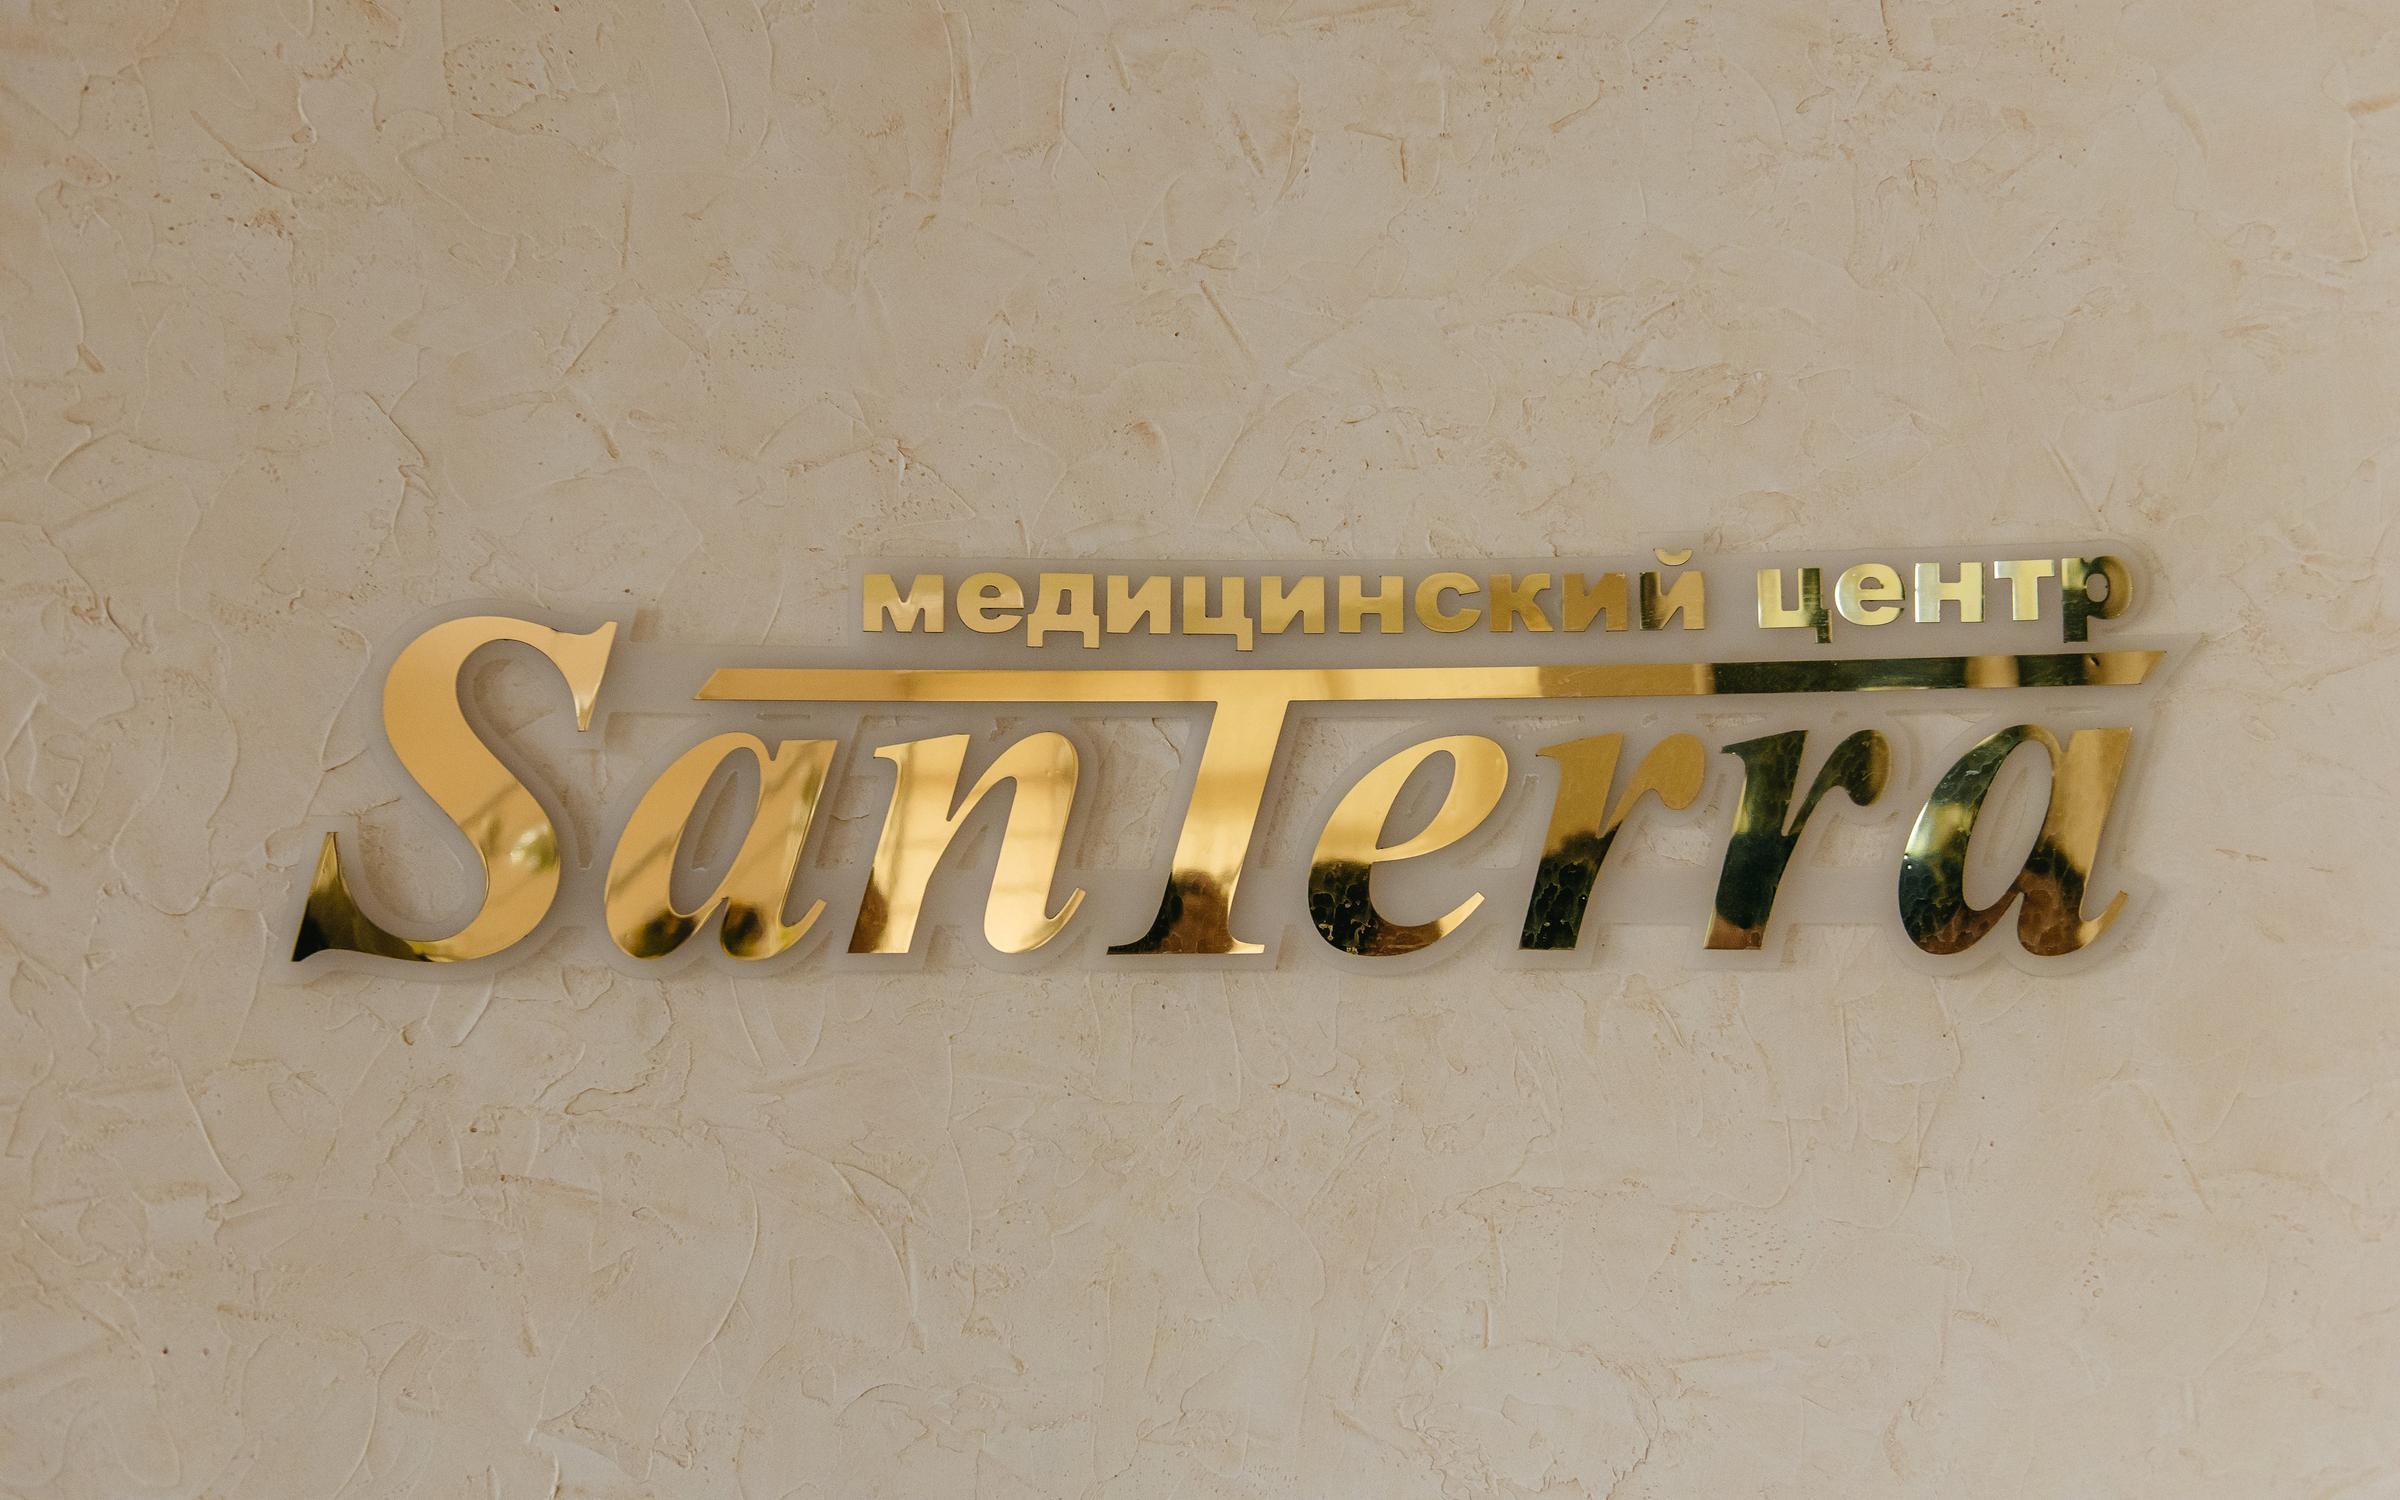 фотография Медицинского центра Santerra